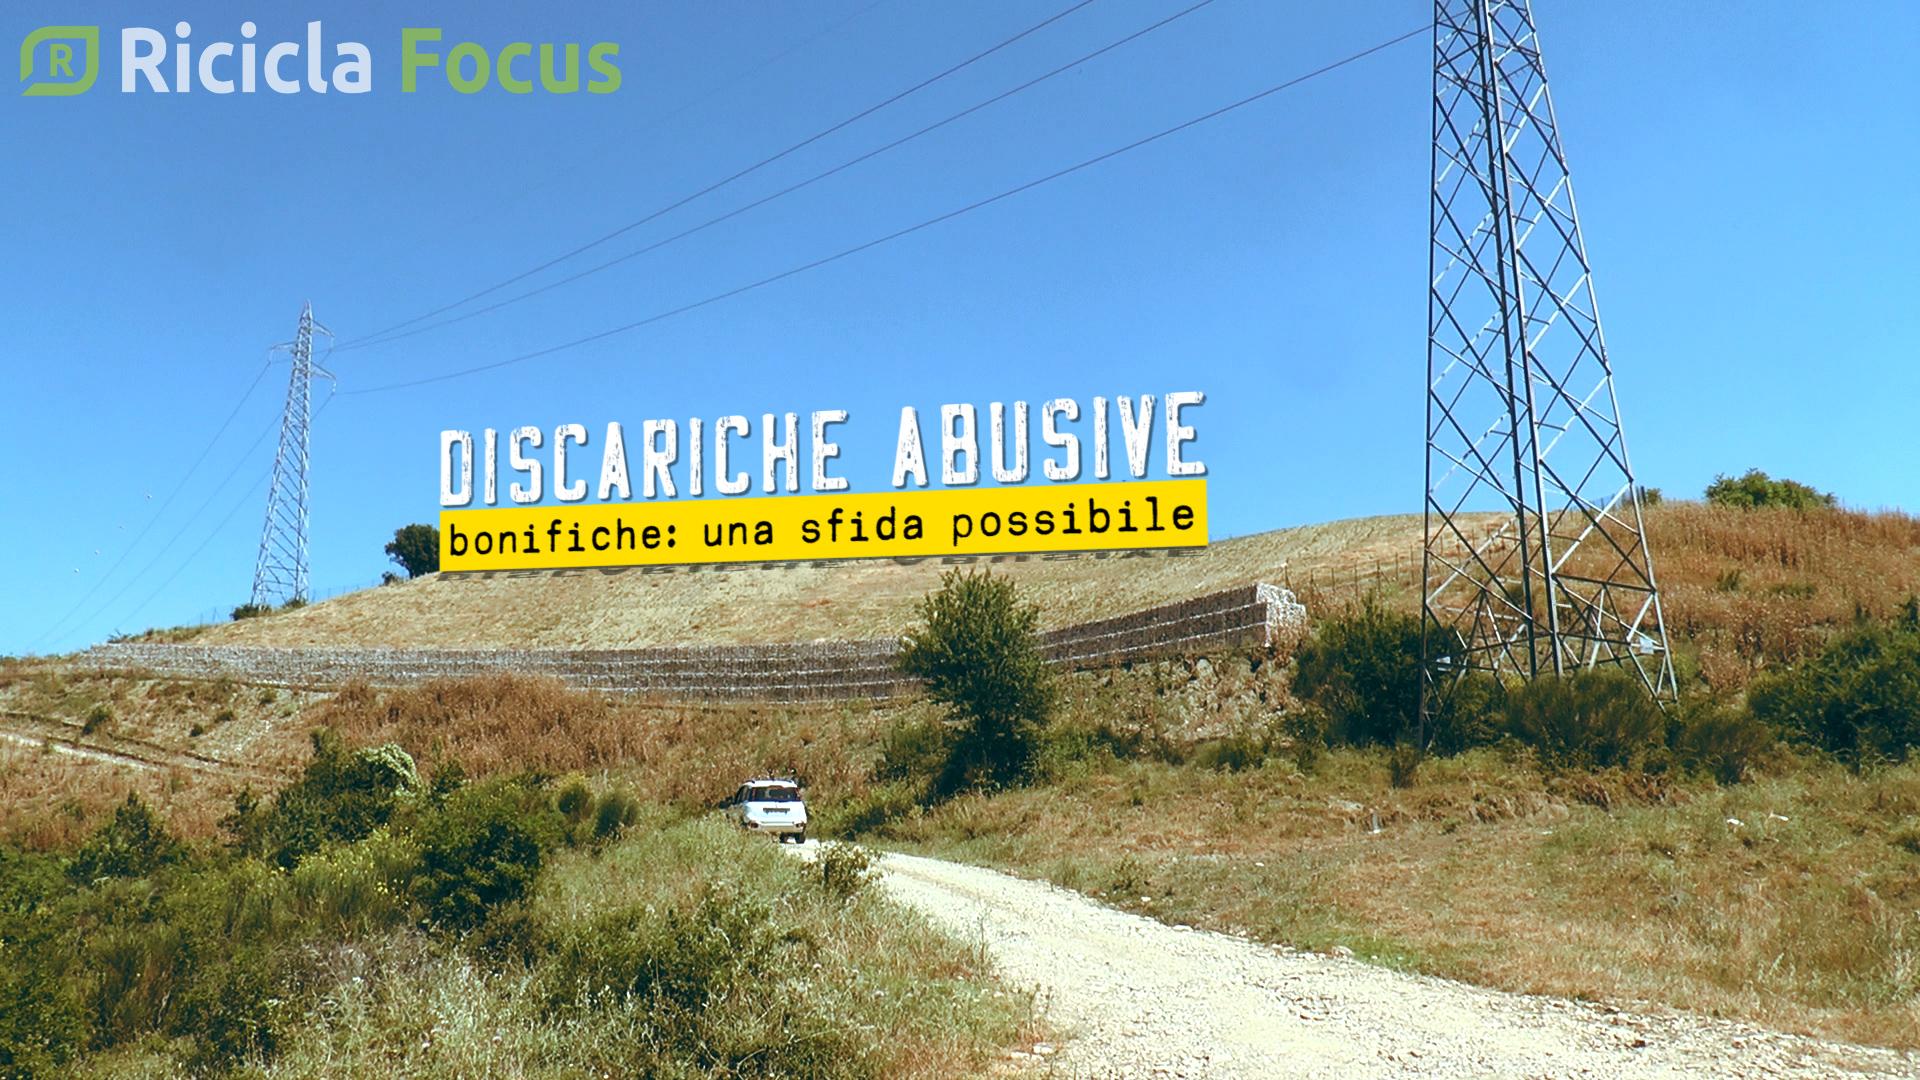 BONIFICA DELLE DISCARICHE ABUSIVE: UNA SFIDA POSSIBILE